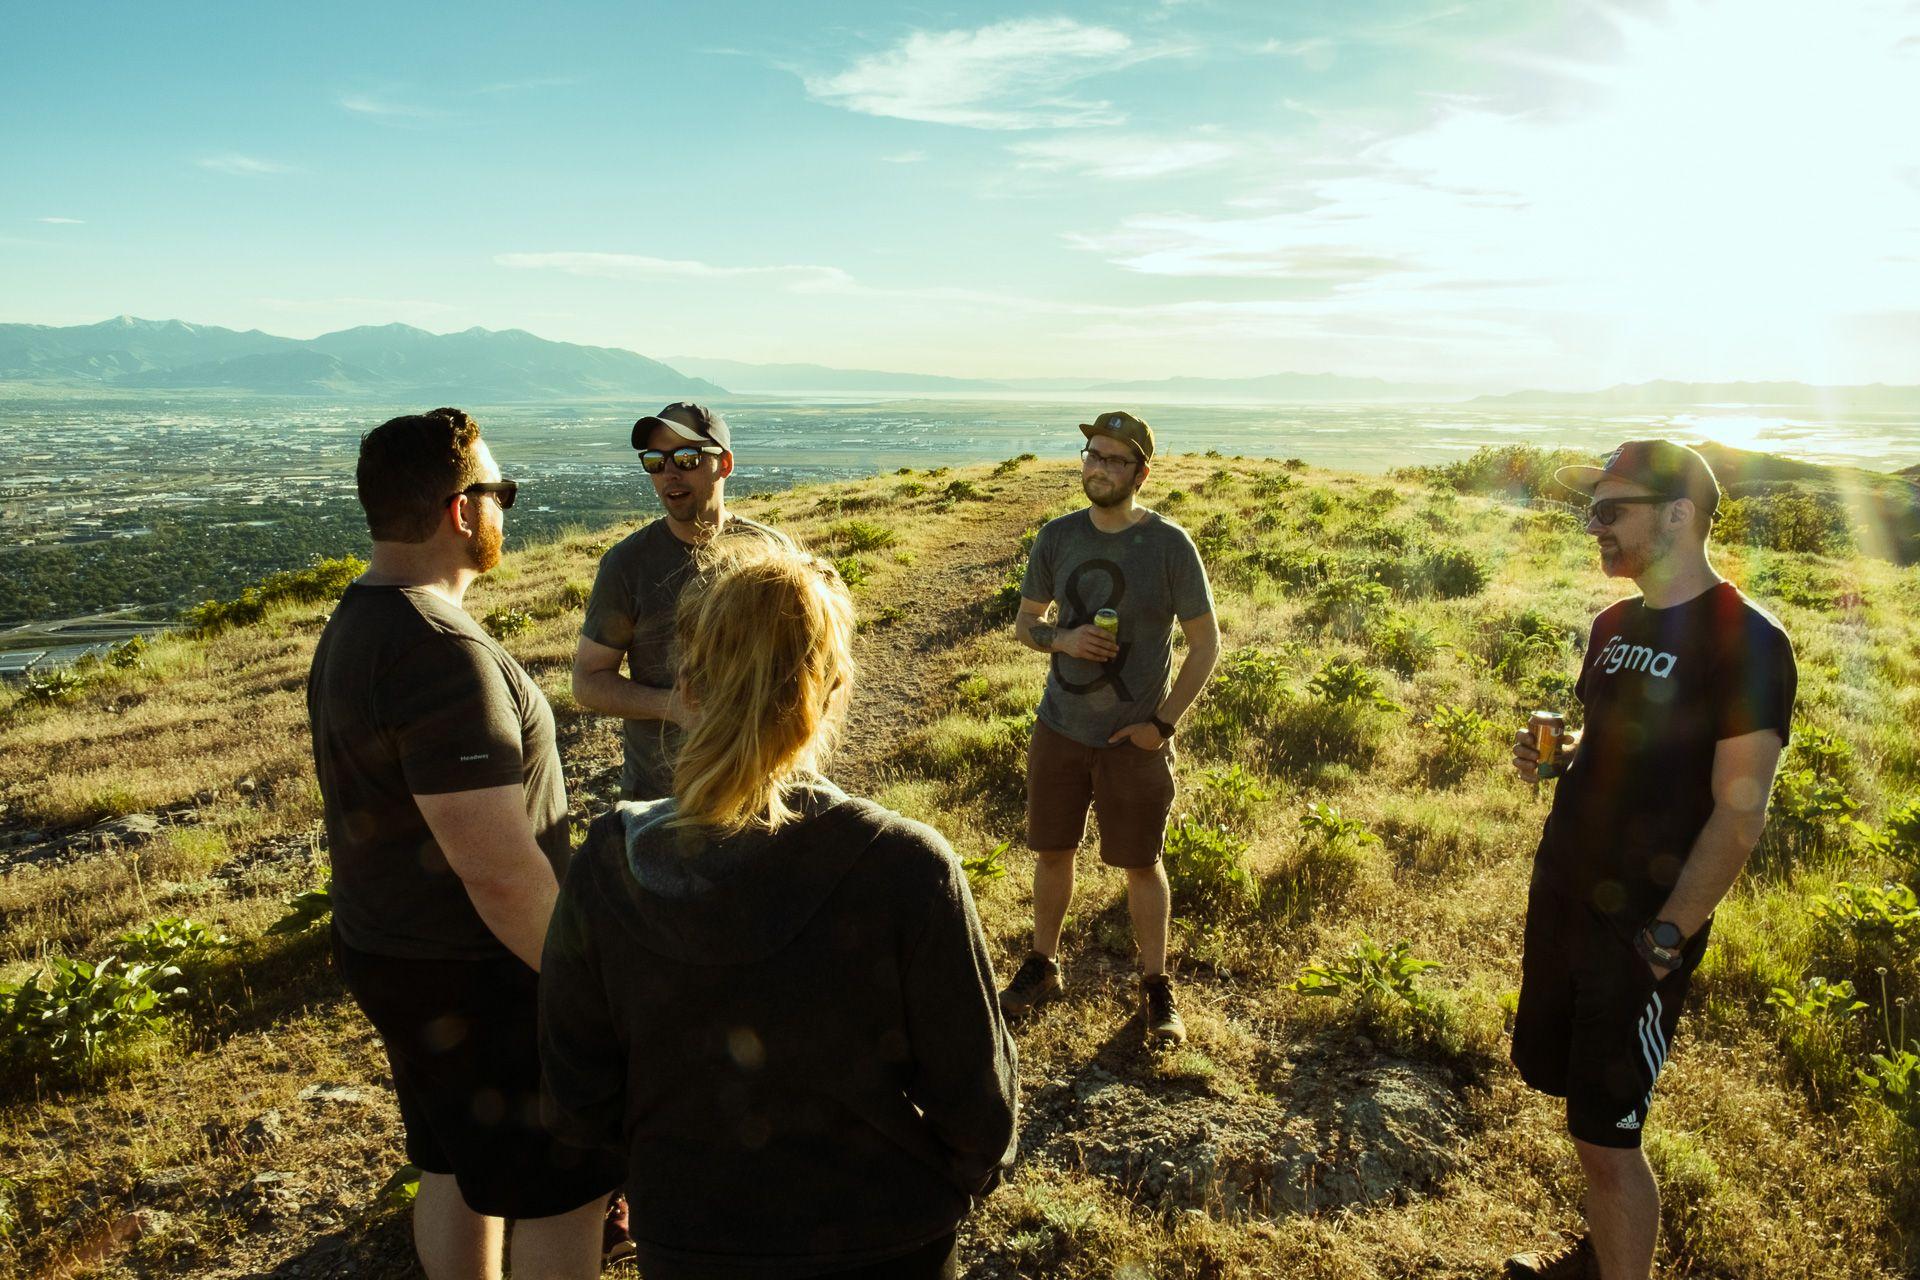 team hike at ensign peak